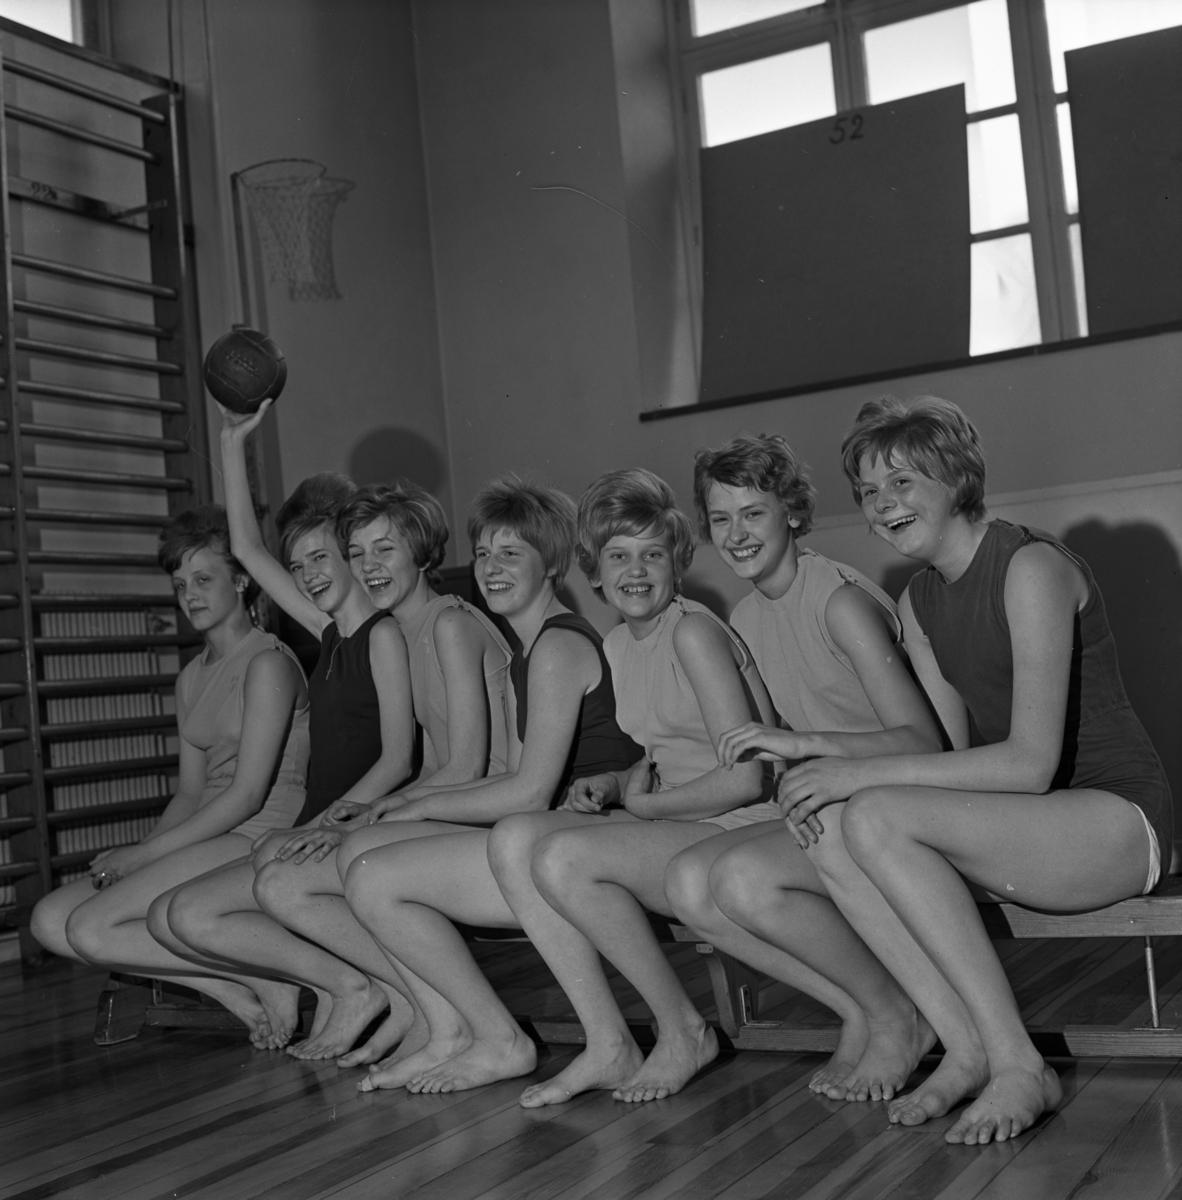 Skolturnering i korgboll/basket Sju flickor sitter på en gymnastikbänk. En ribbstol ses intill. Från vänster: Birgitta Karlsson, Ing-Marie Eriksson, Karin Knutsson, Kerstin Karlsson, Karin Hägg, Eva Olsson och Ann-Marie Eriksson